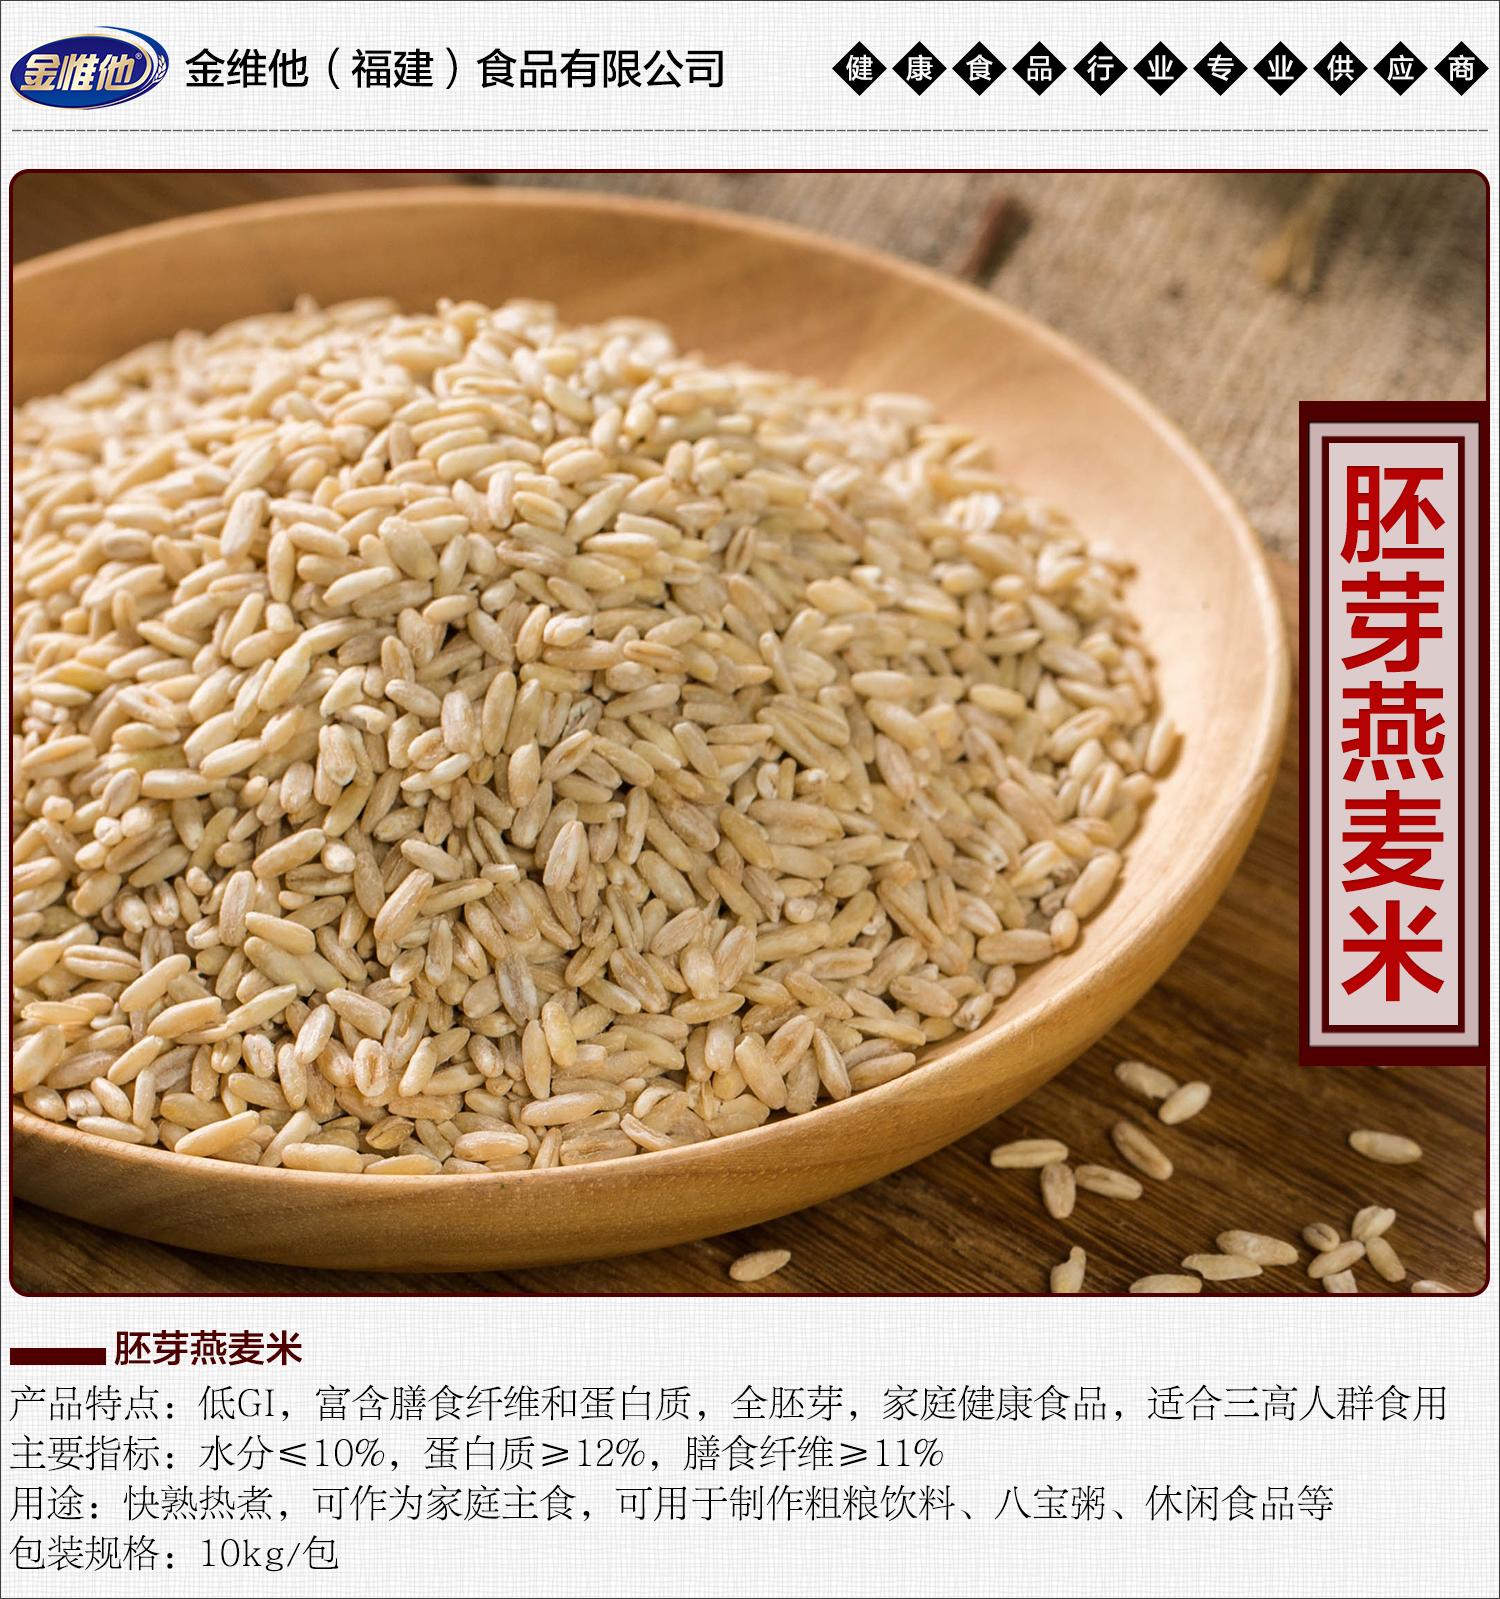 2-胚芽燕麦米